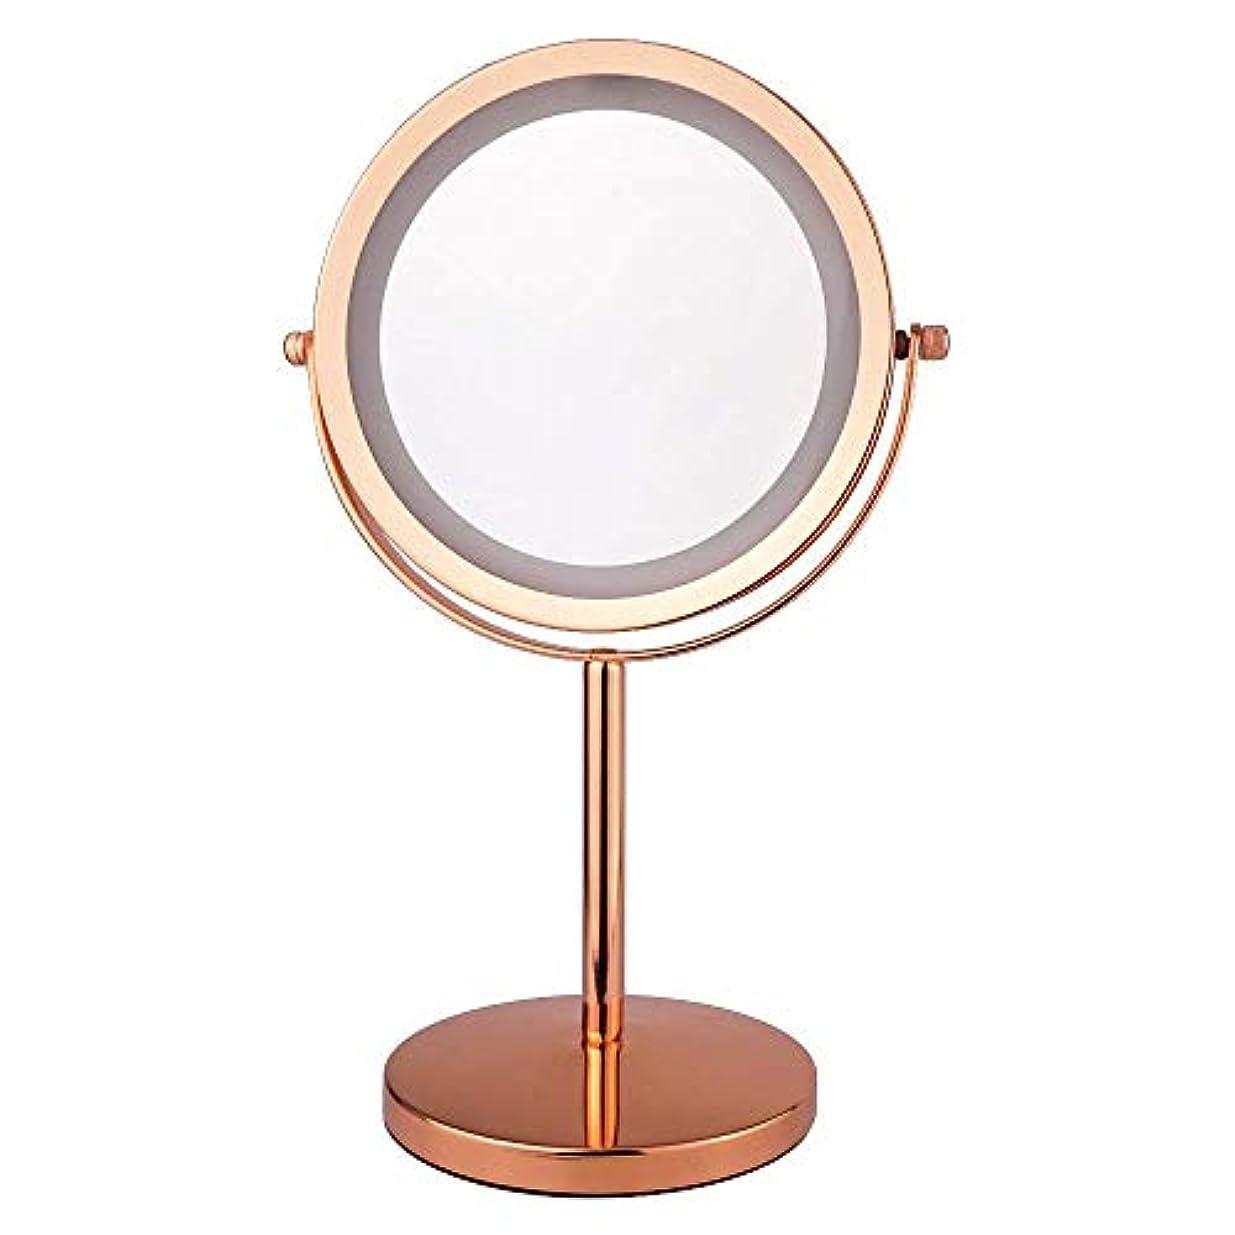 酸化するまた明日ね汚れる化粧鏡 5倍 拡大鏡 付き led ミラー LED 両面 鏡 卓上 スタンドミラー メイク 360度回転スタンドミラー